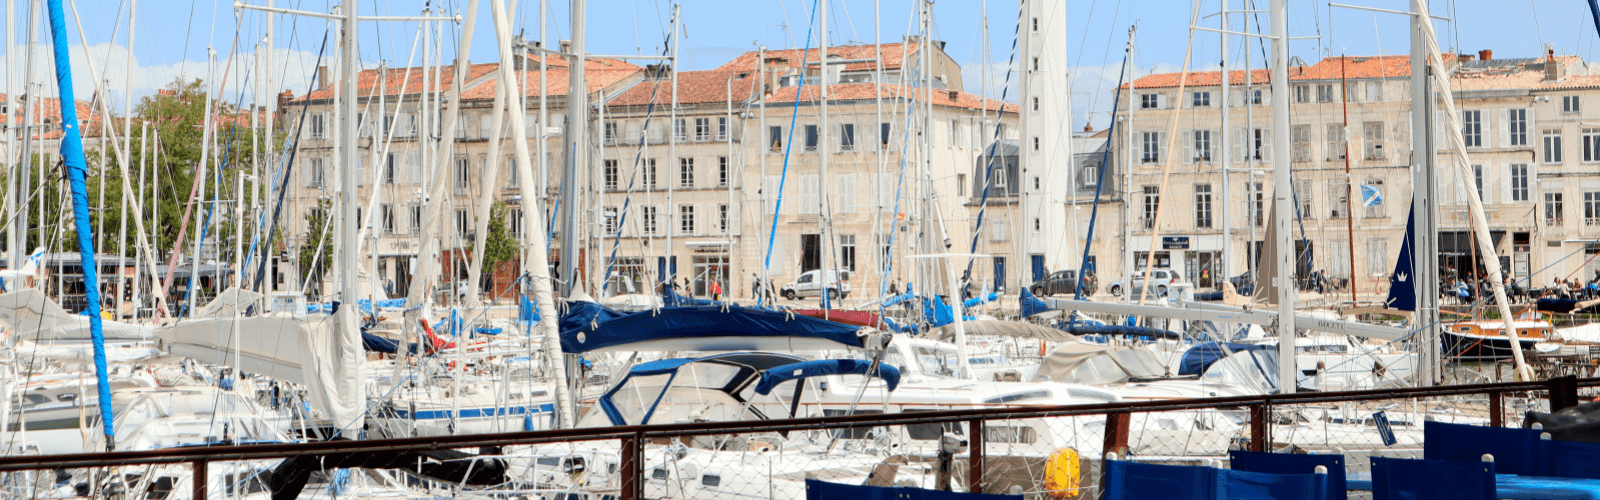 renaud@educamia.org34 - Inlingua La Rochelle